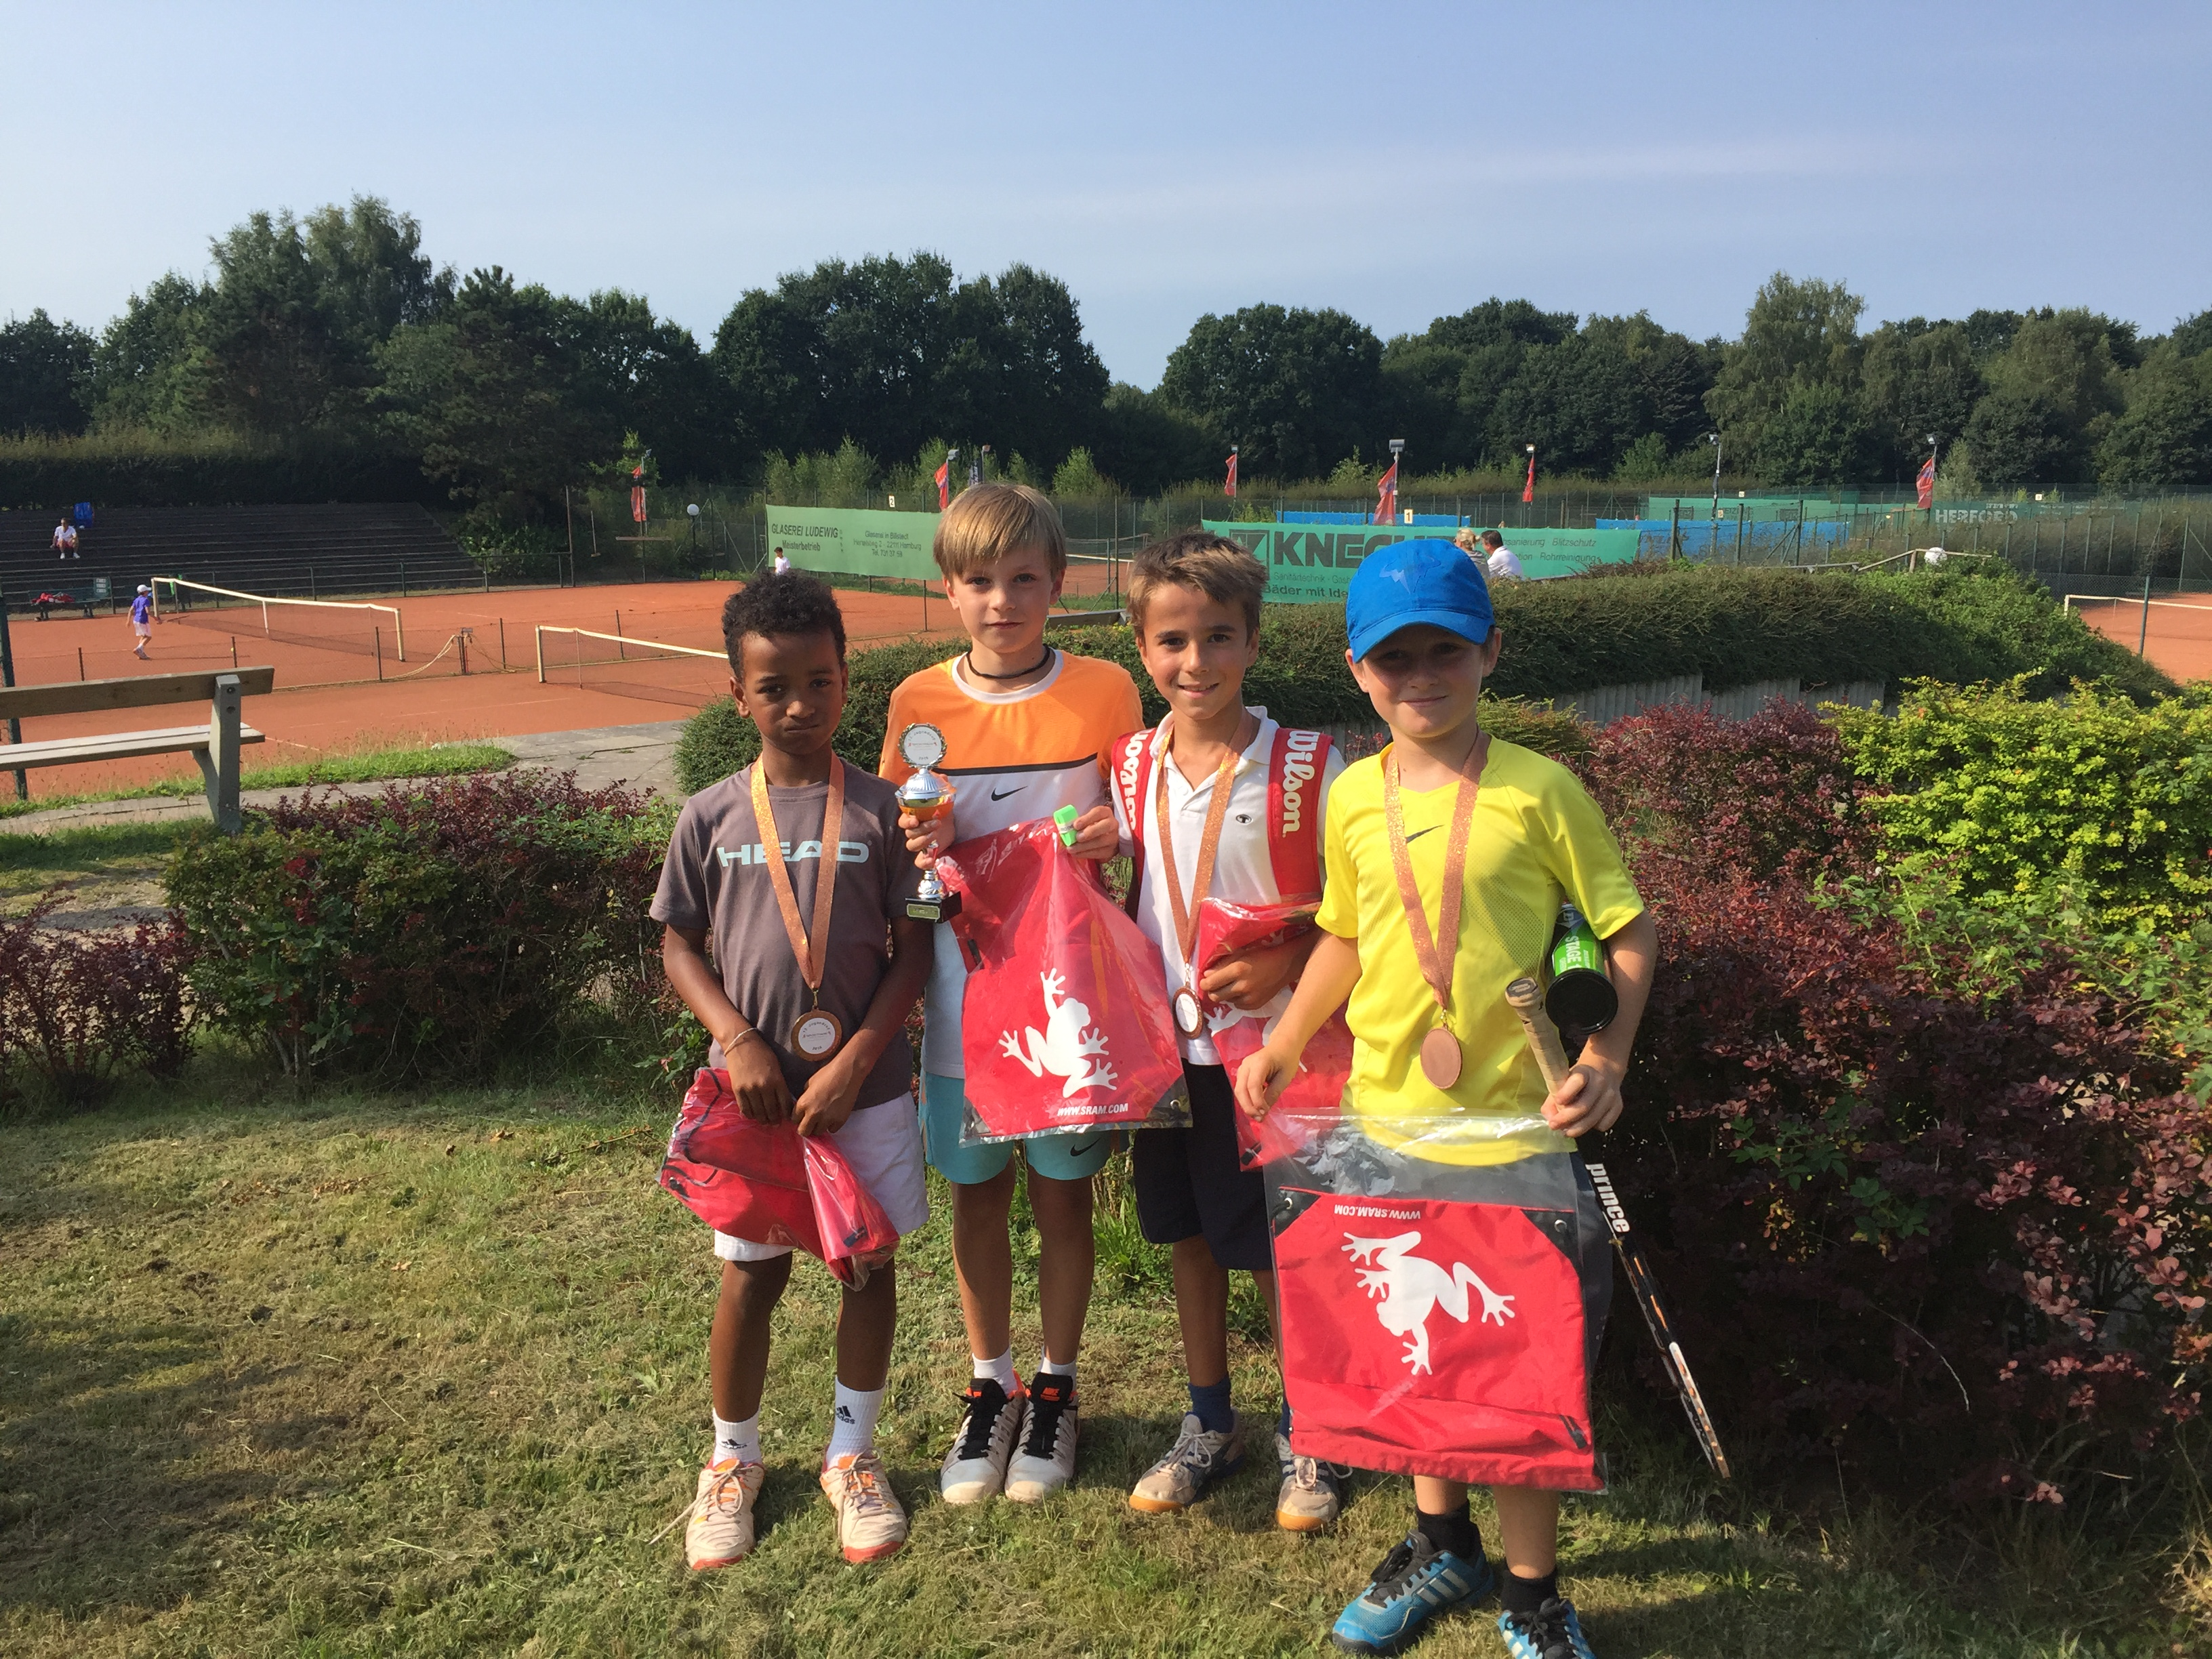 13. Jugendcup – Tennis Jugendturnier vom 25. – 28. August 2016